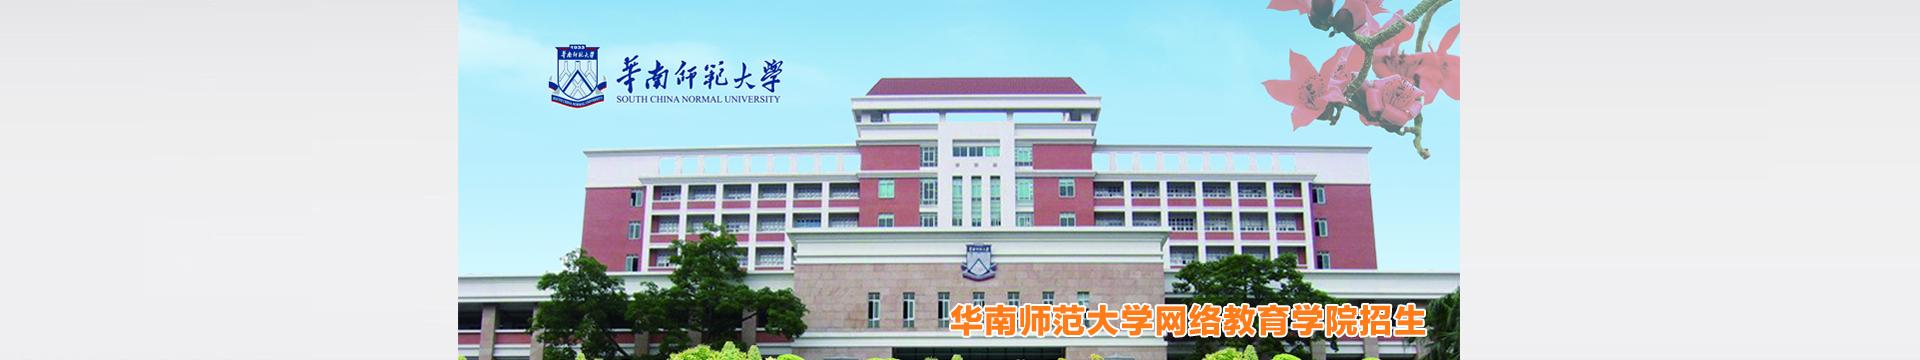 华南师范大学网络教育学院招生